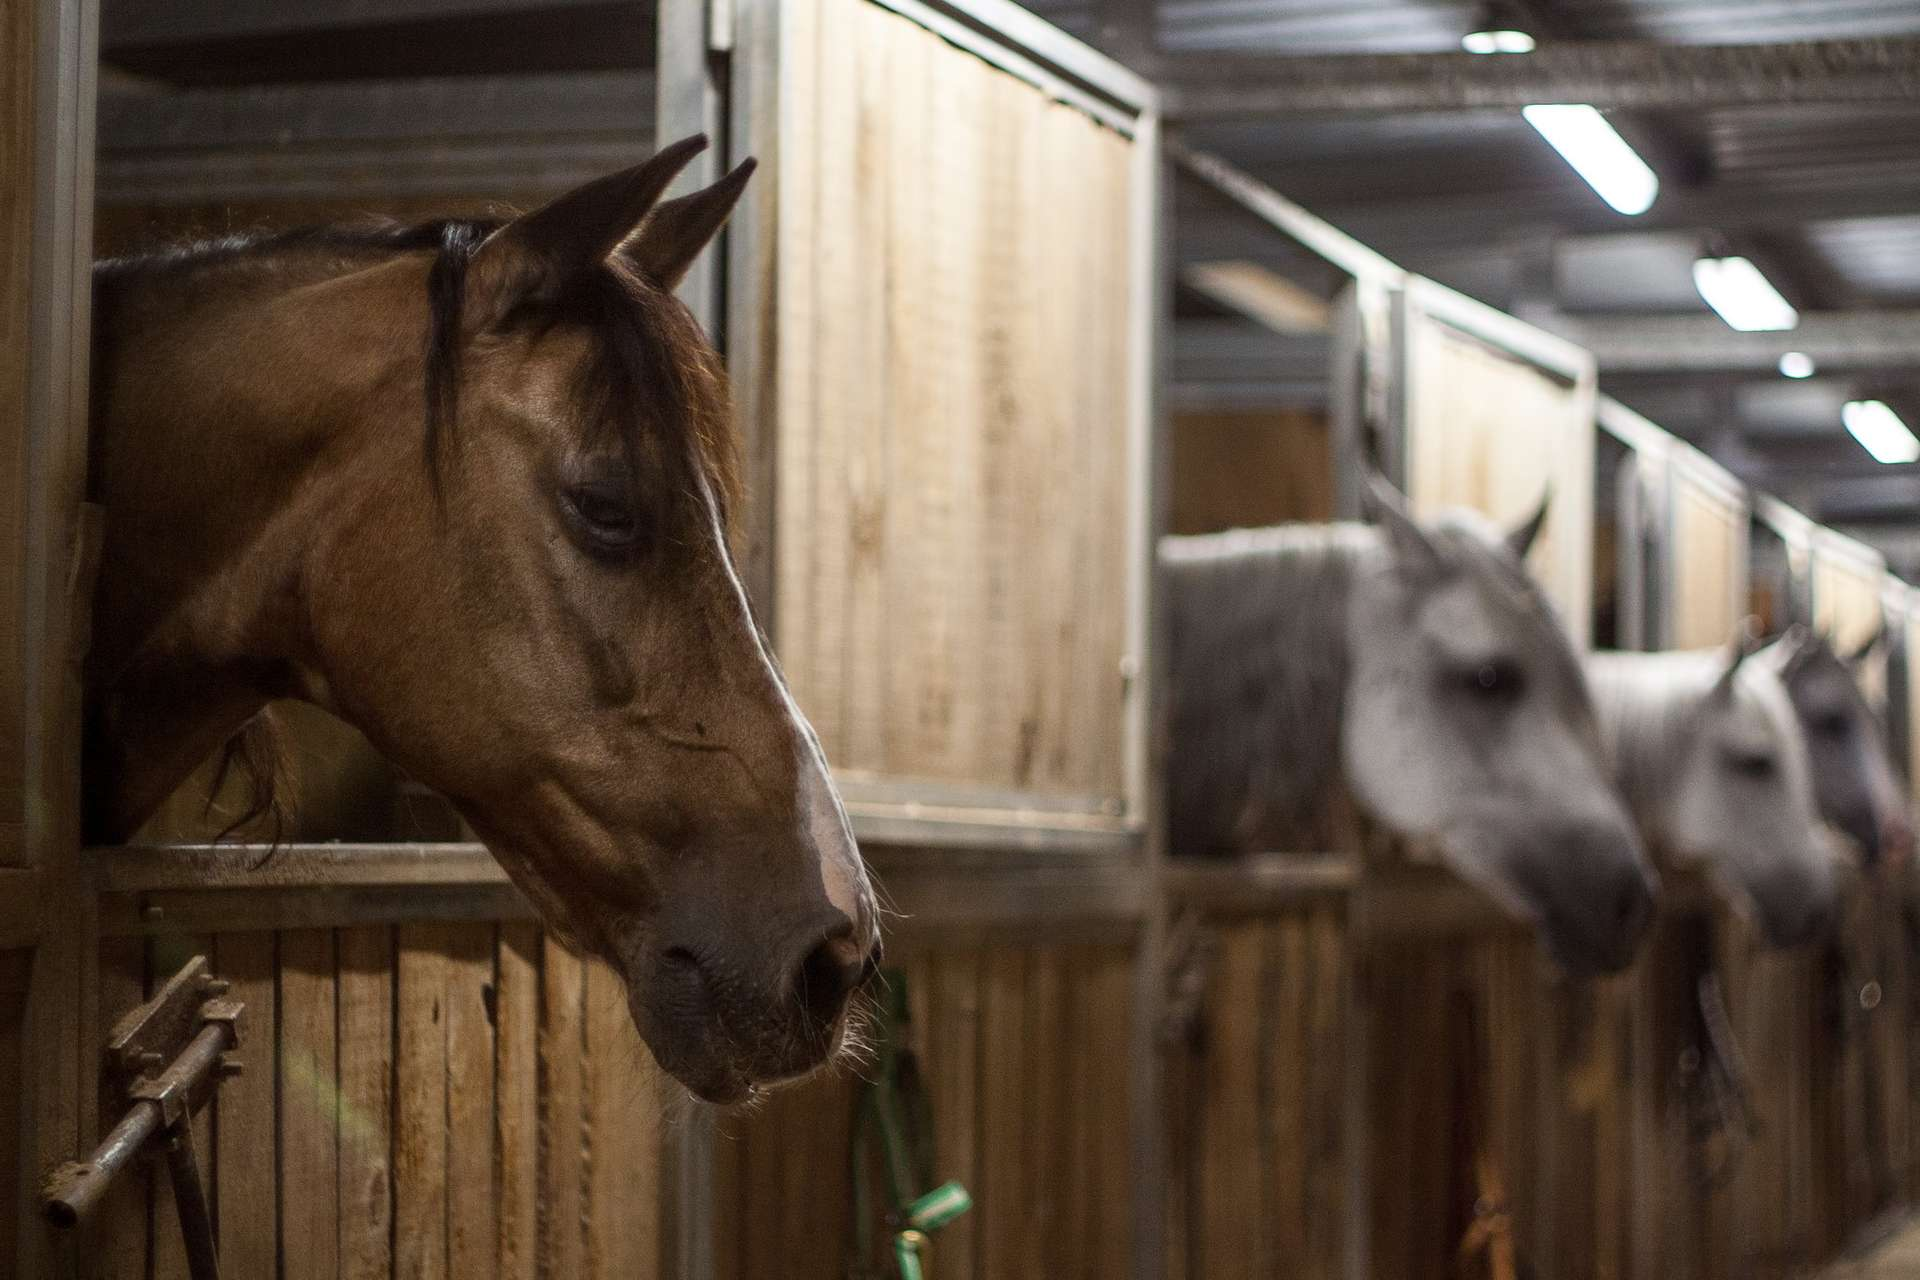 Une épidémie de rhinopneumonie équine s'est propagée à toute l'Europe à partir d'une compétition internationale qui s'est déroulée à Valence en février. © Atropos91, Flickr